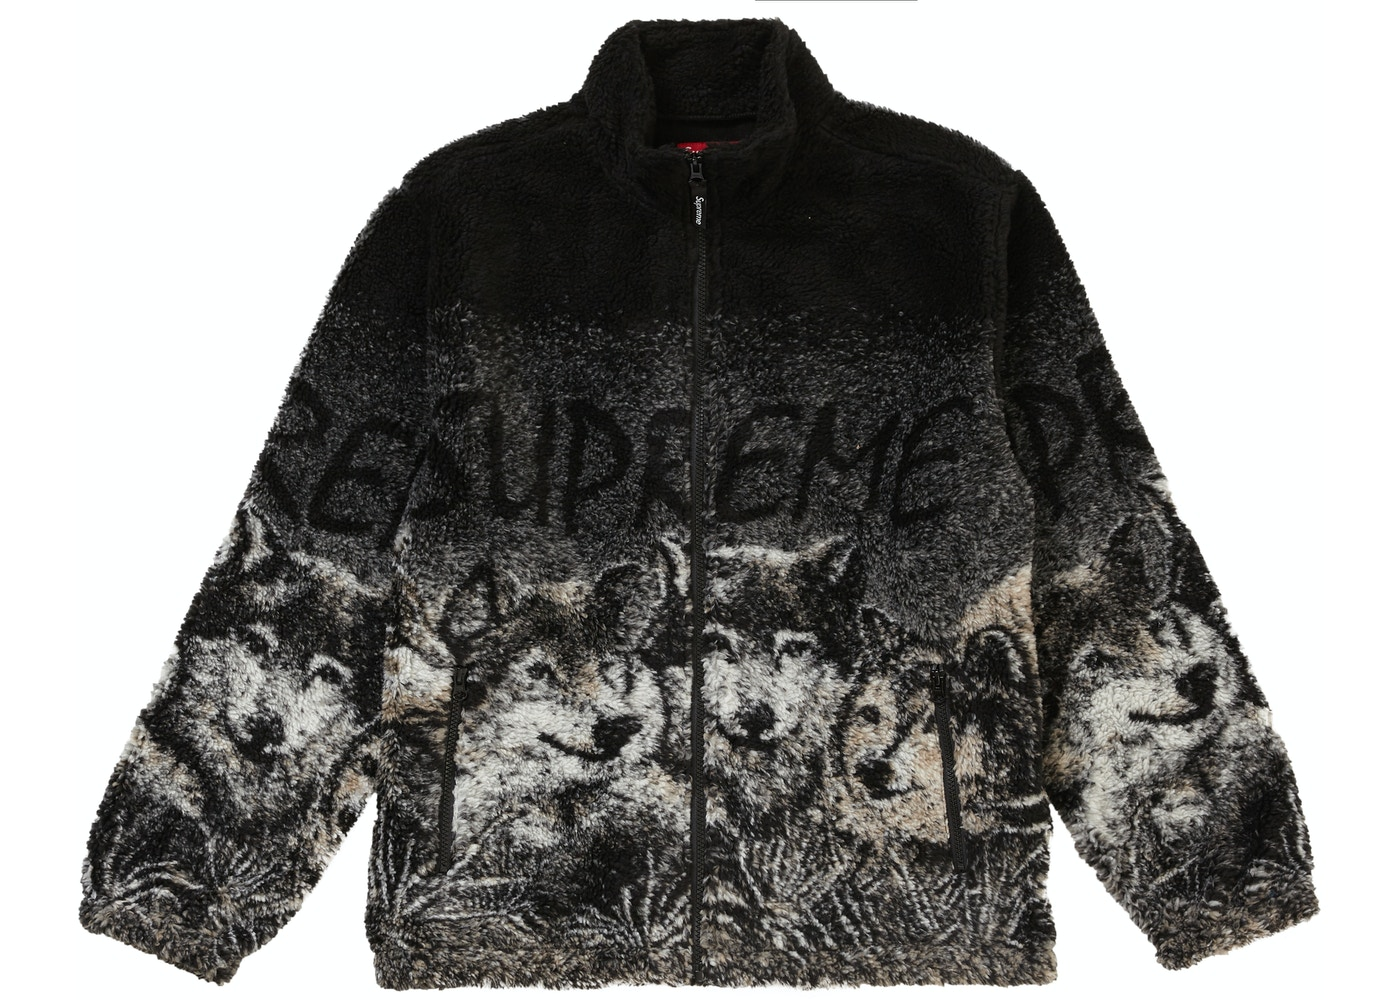 11eade4f16 Supreme Jackets - Buy & Sell Streetwear